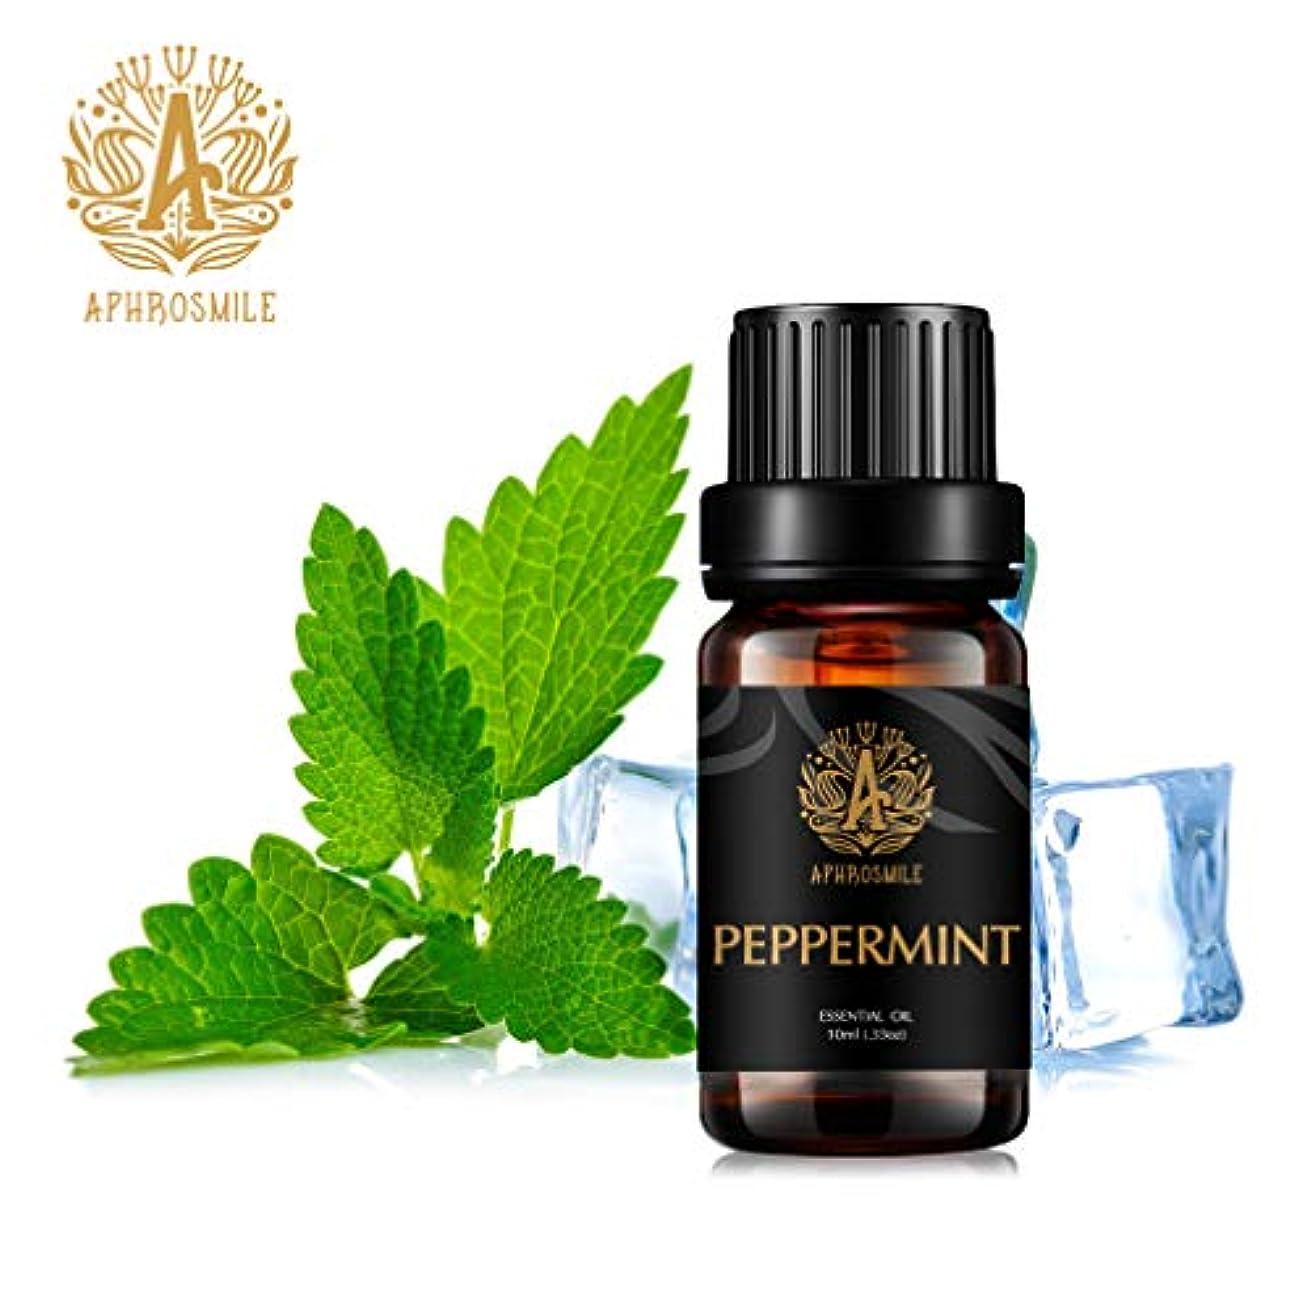 扇動バルセロナ炭水化物ペパーミントの精油、100%純粋なアロマセラピーエッセンシャルオイルペパーミントの香り、明確な思考と、治療用グレードエッセンシャルオイルペパーミントの香り為にディフューザー、マッサージ、加湿器、デイリーケア、0.33オンス...